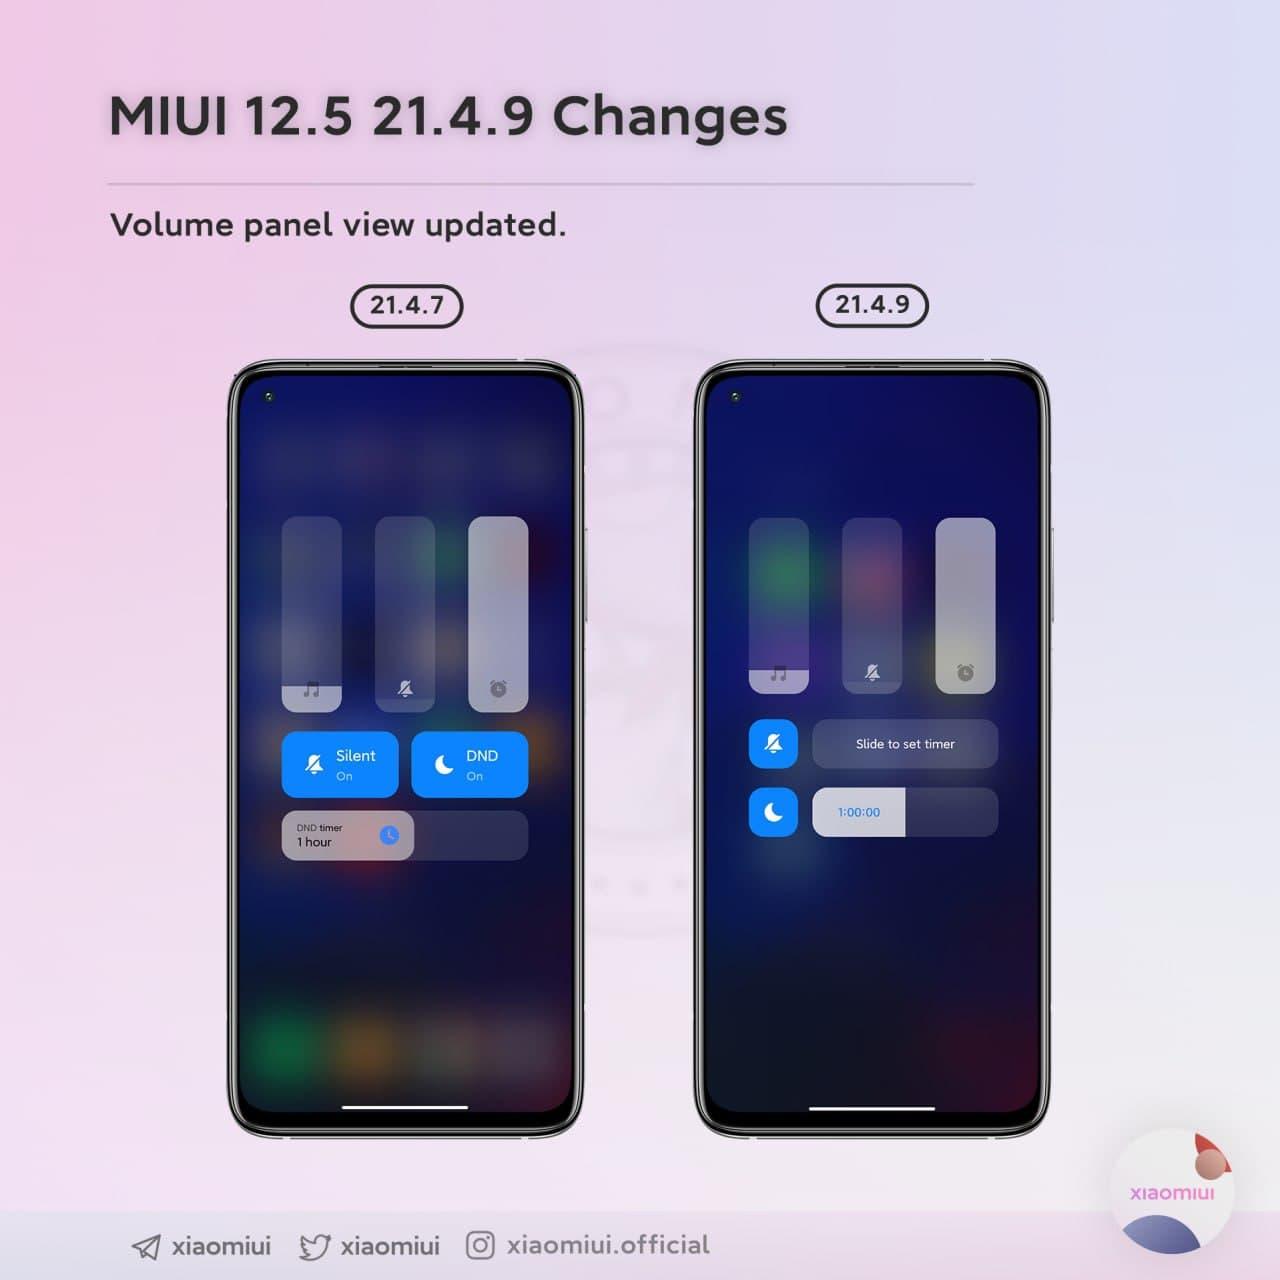 Xiaomi vuelve a actualizar el panel de volumen con nuevas funcionalidades (Descargar). Noticias Xiaomi Adictos